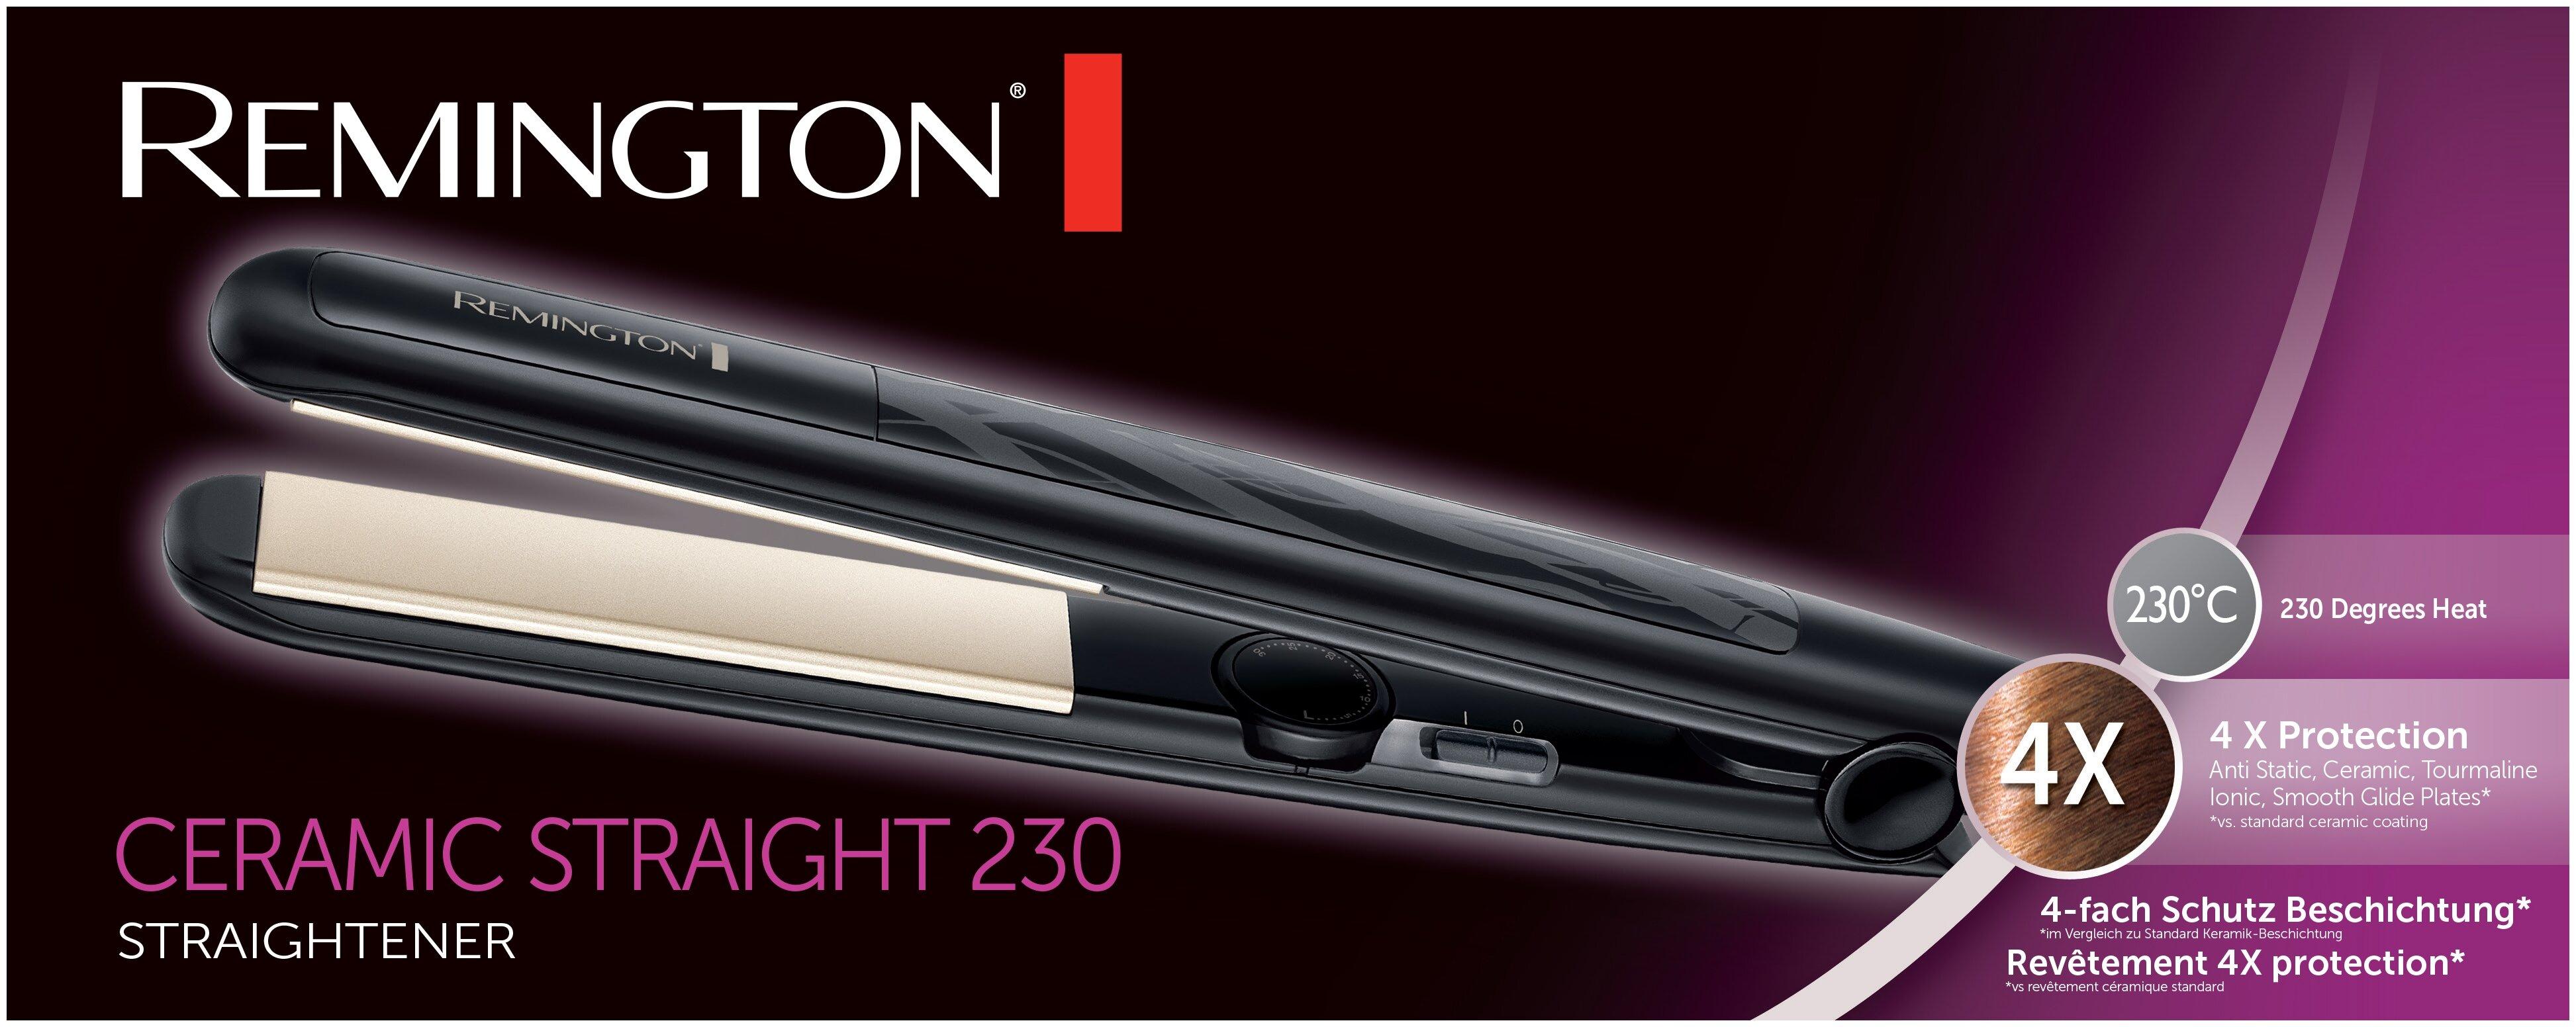 Remington S3500 - максимальная температура нагрева 230 °C